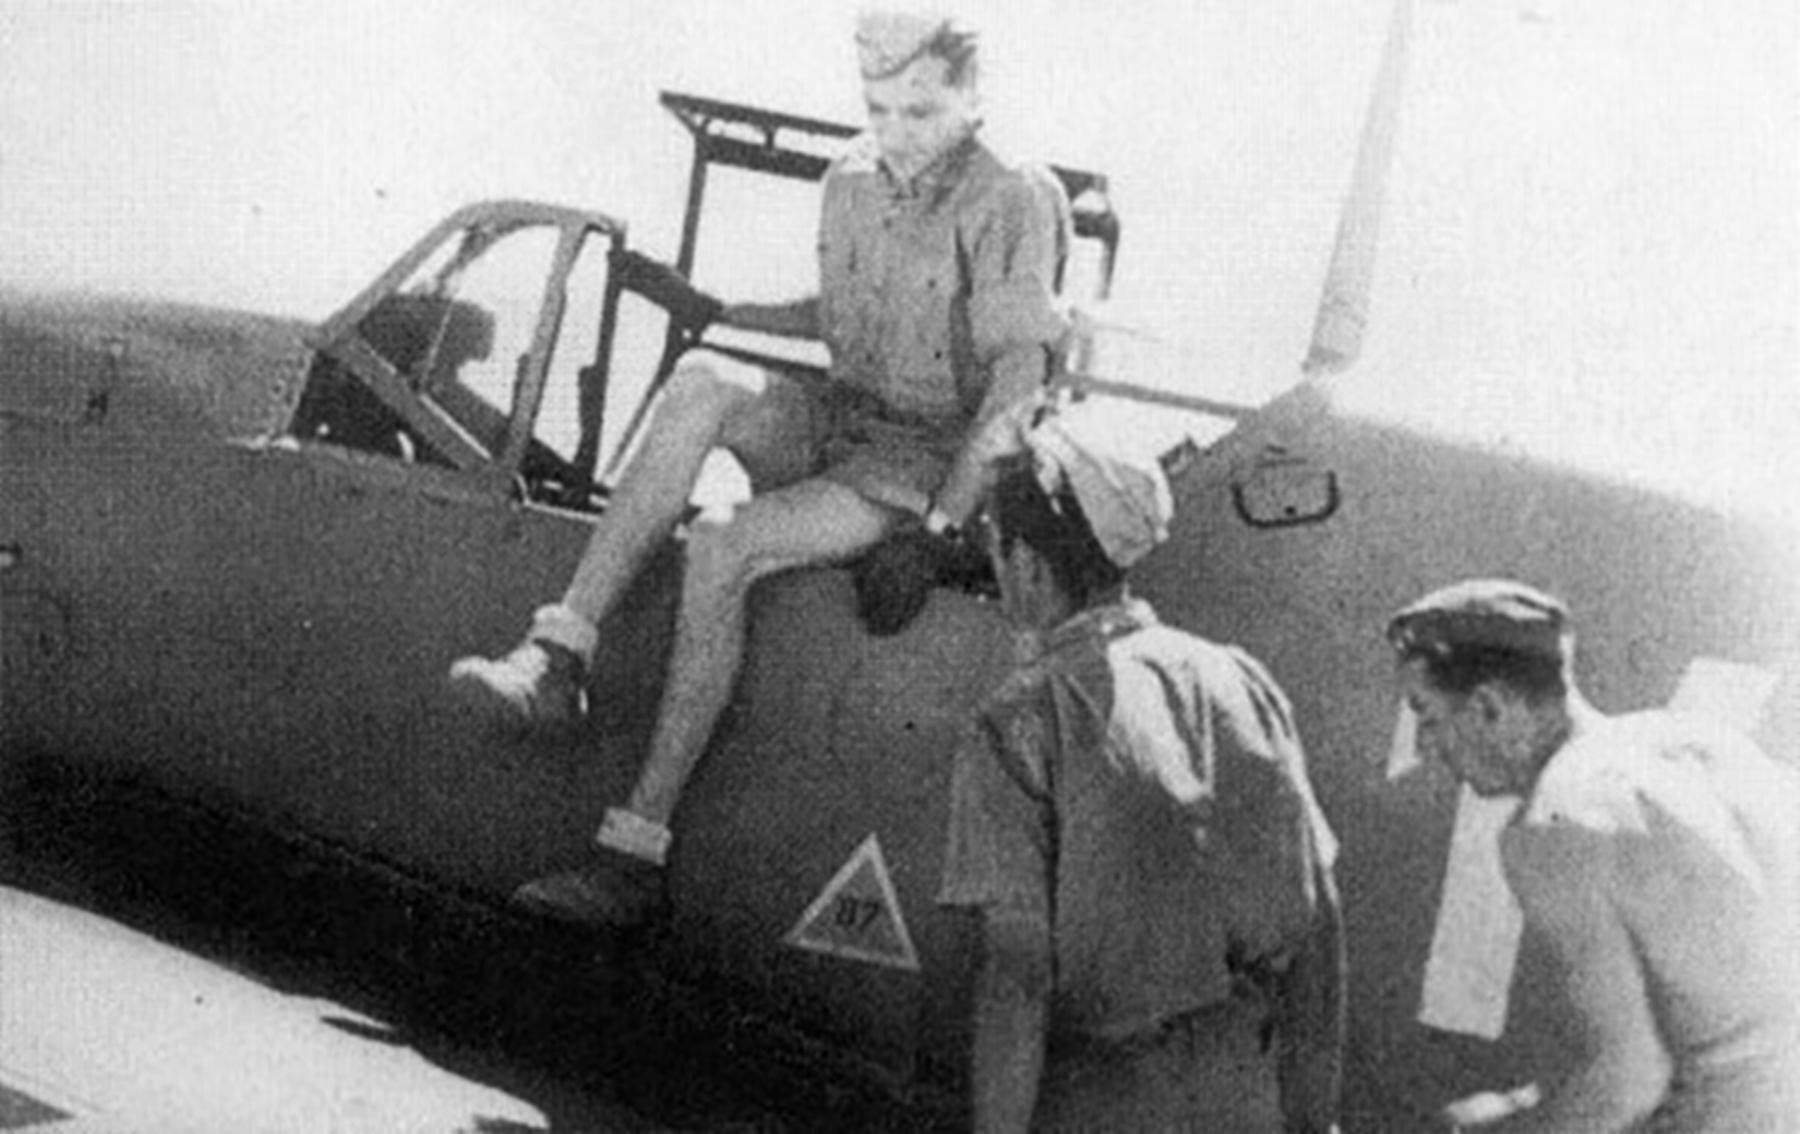 Aircrew Luftwaffe JG27 ace Hans Joachim Marseille North Africa 02